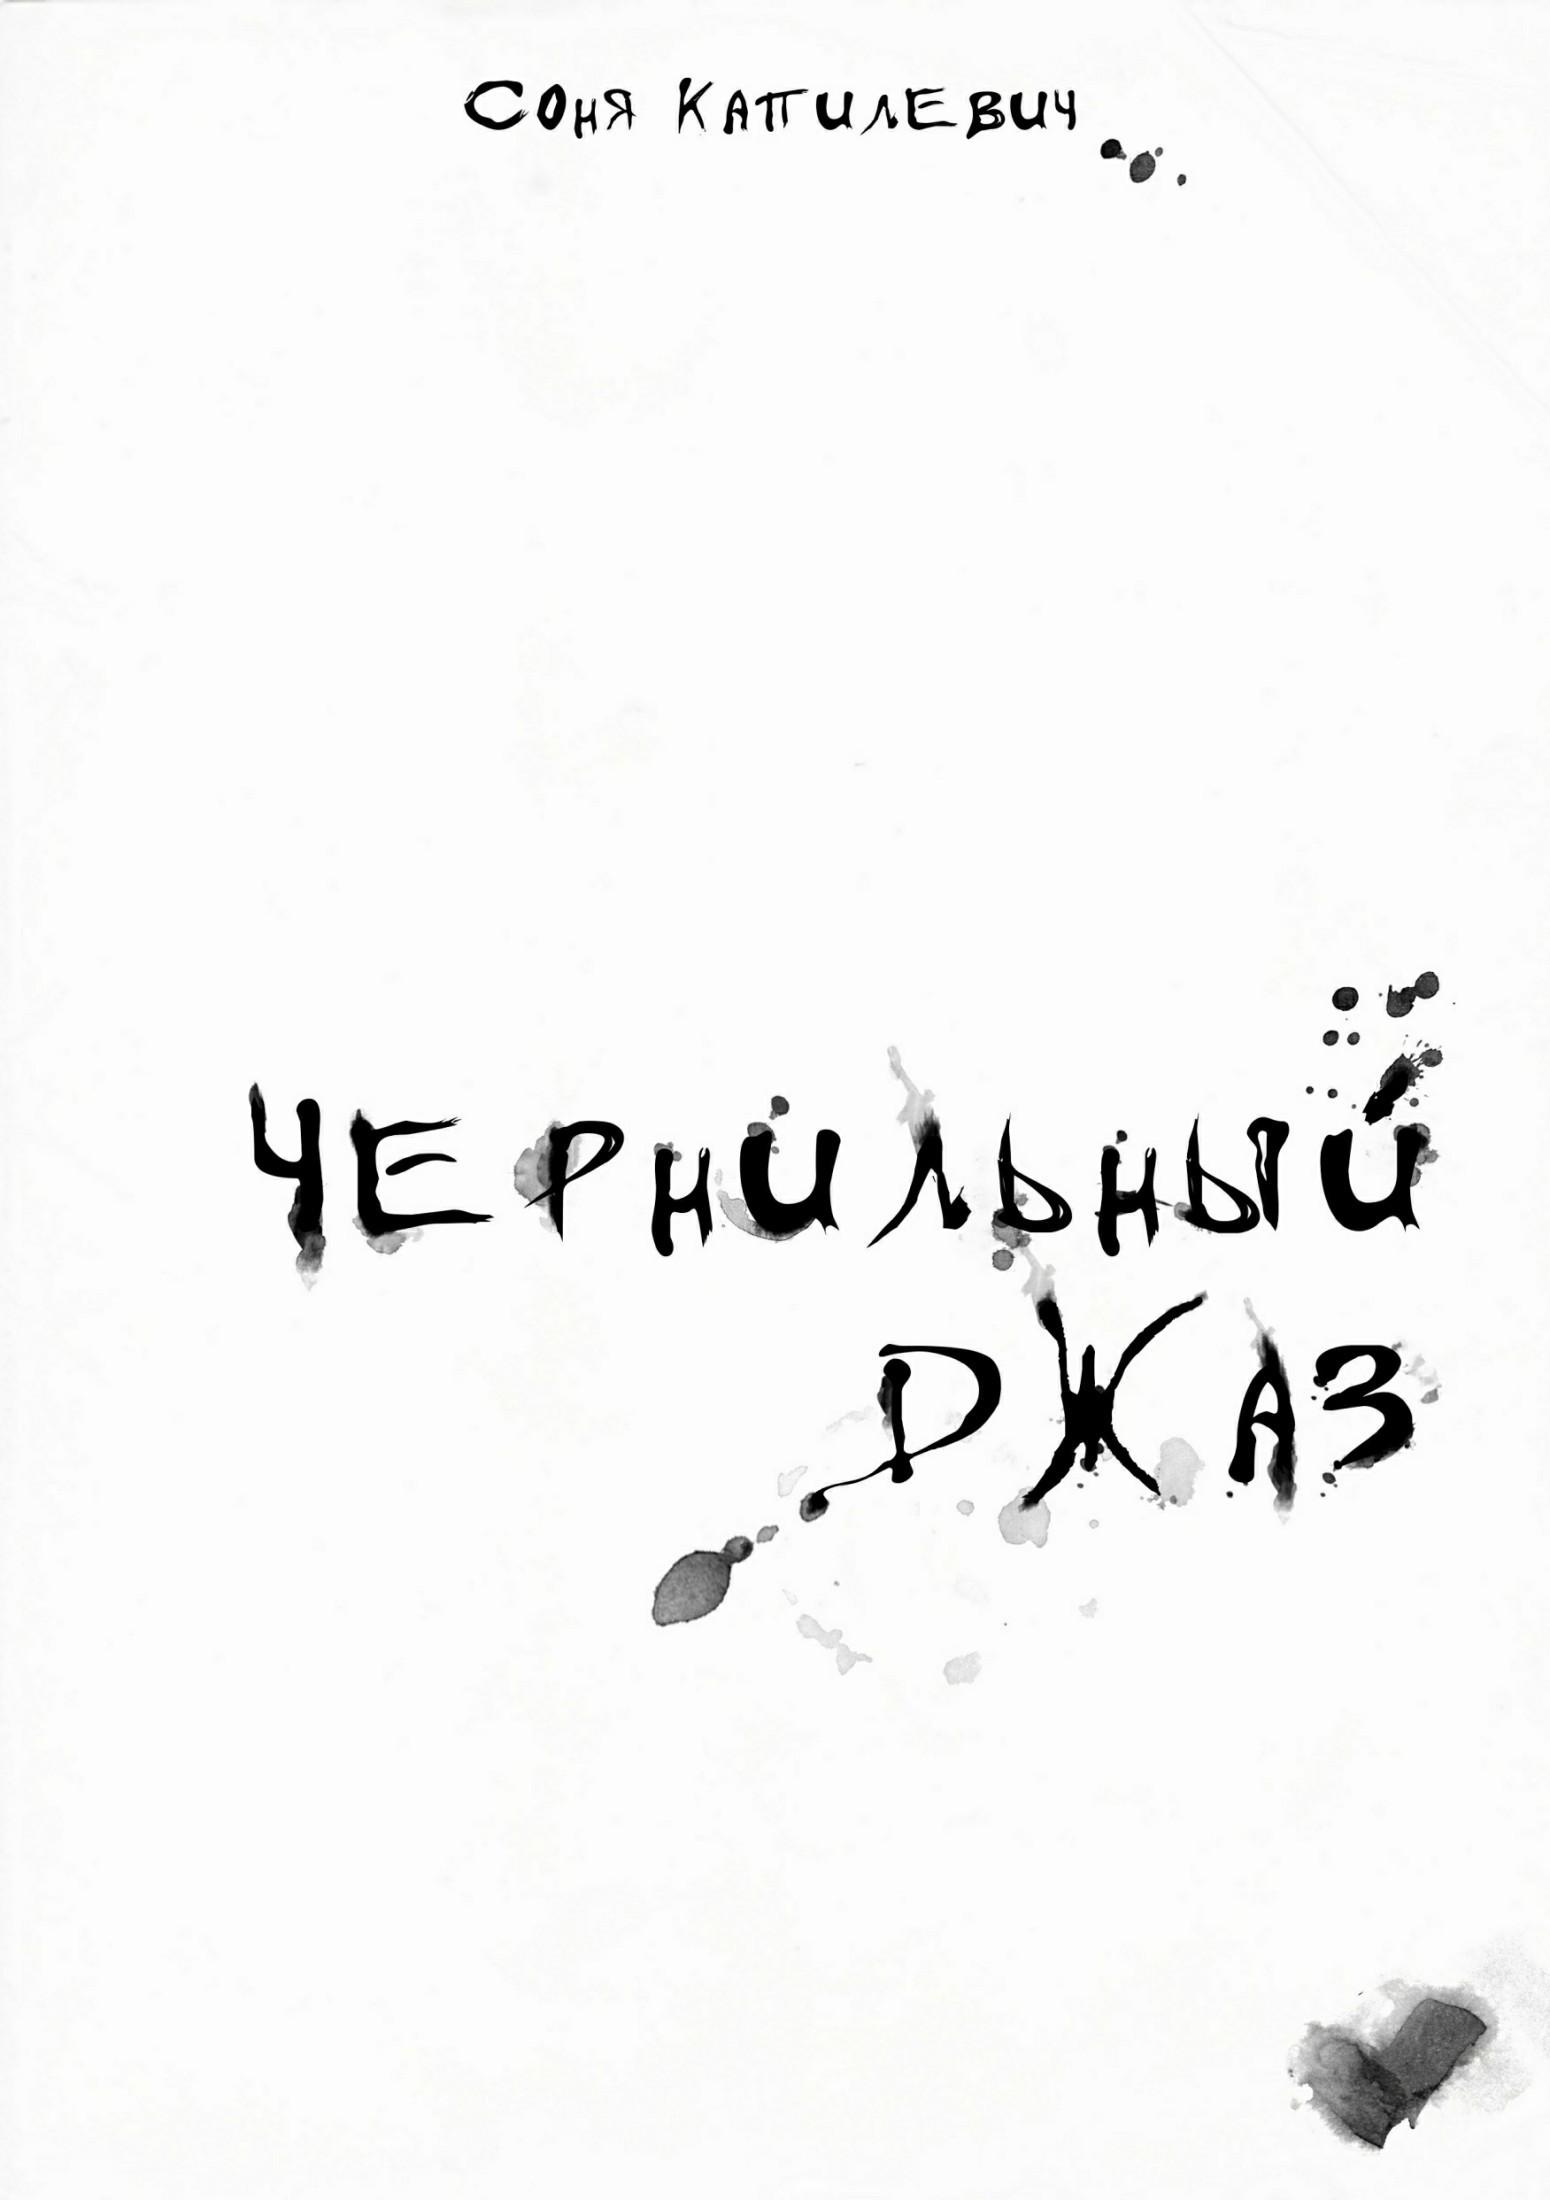 Соня Капилевич Чернильный джаз. Сборник стихотворений соня капилевич чернильный джаз сборник стихотворений